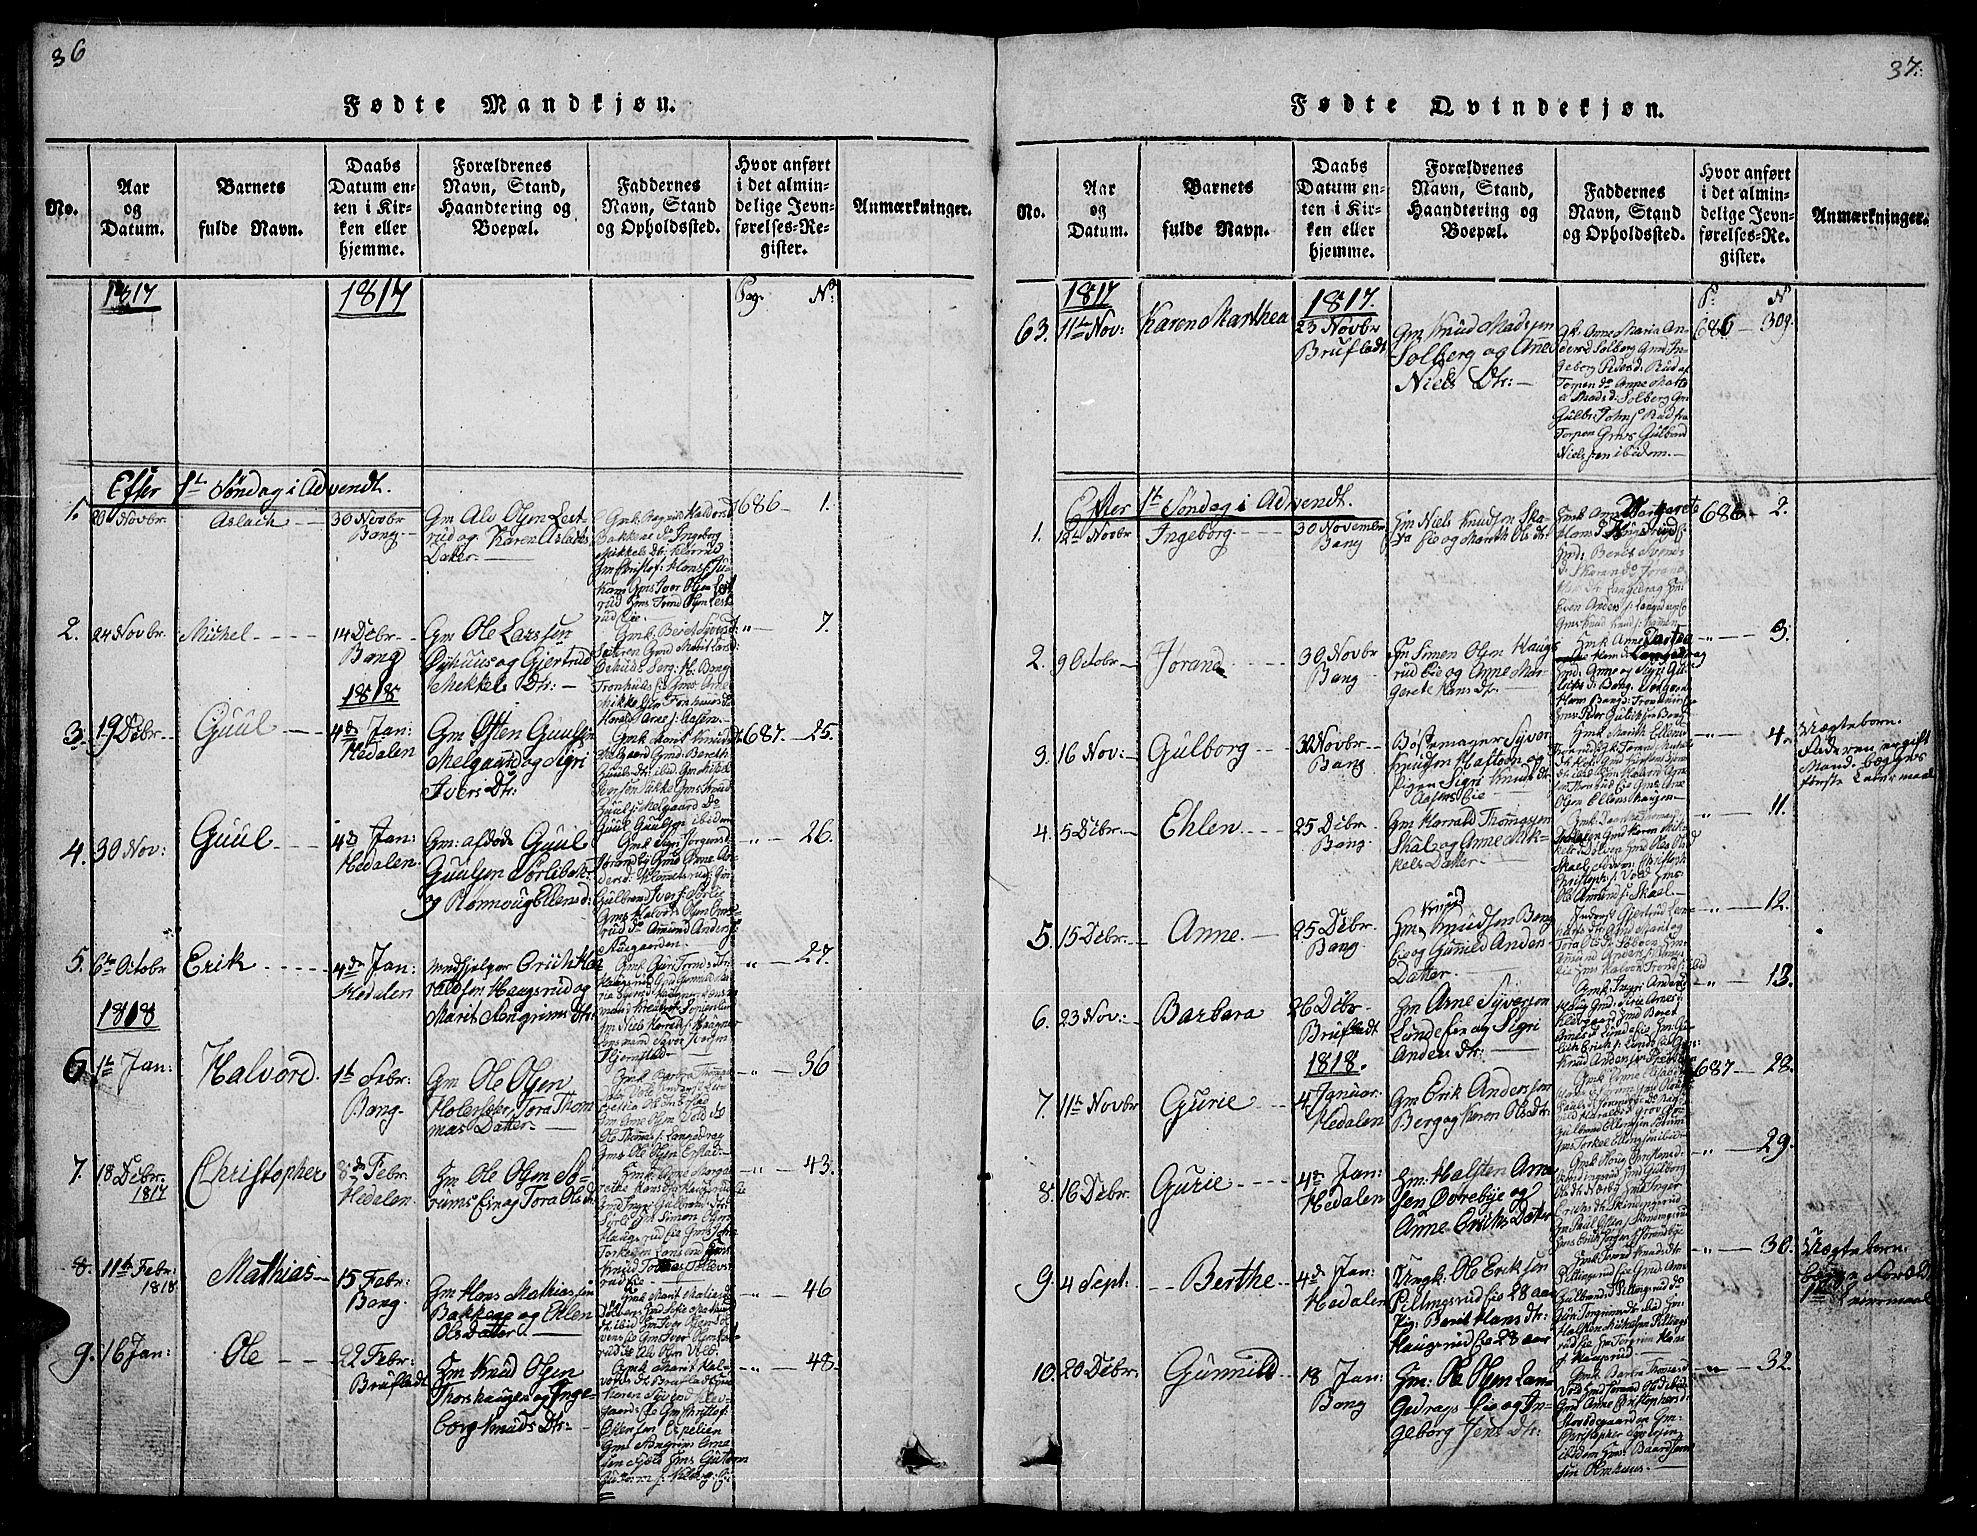 SAH, Sør-Aurdal prestekontor, Klokkerbok nr. 1, 1815-1826, s. 36-37